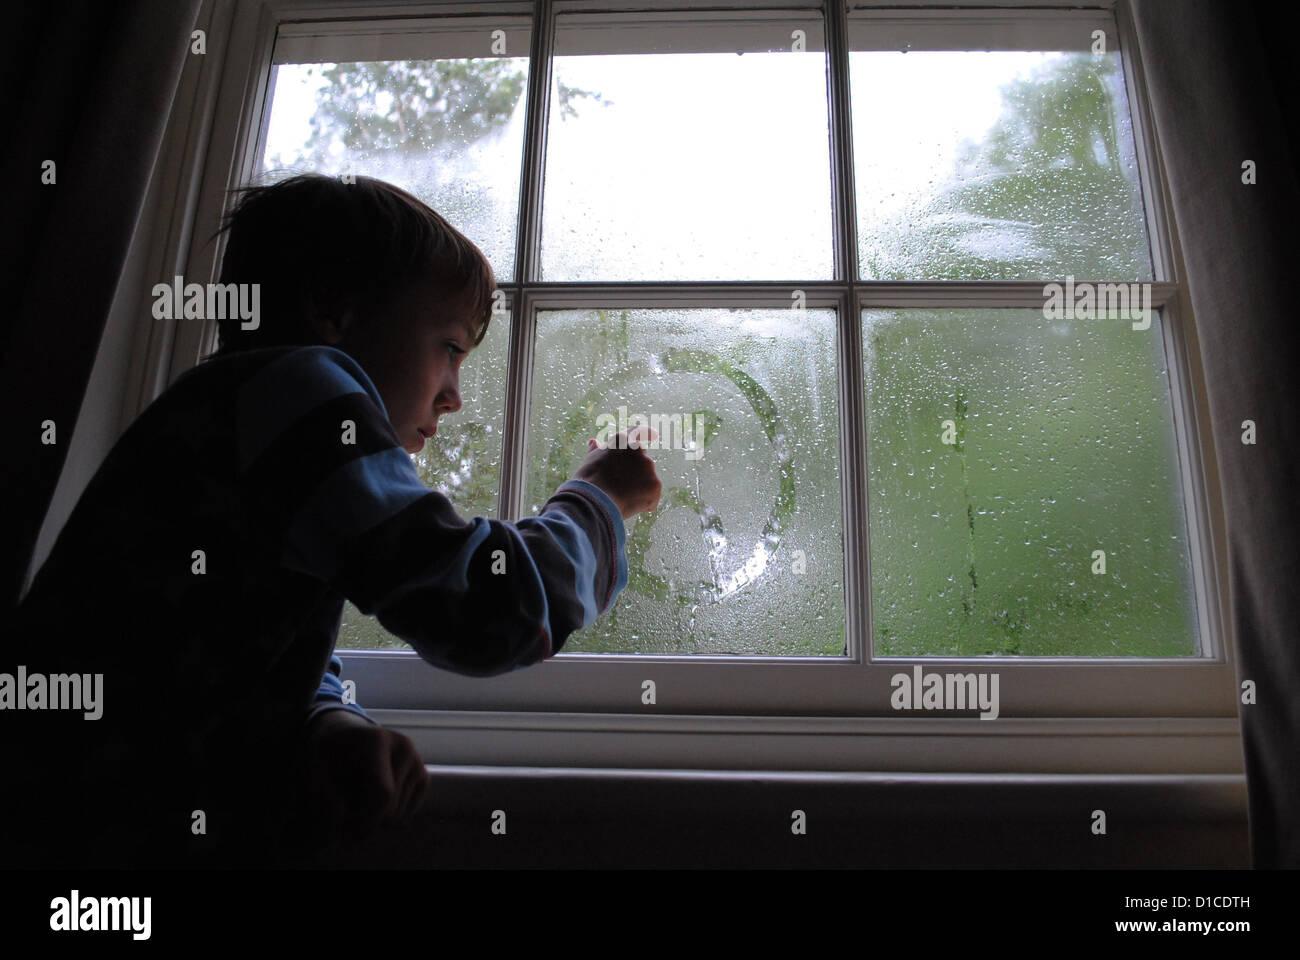 8 Jahre alter Junge zeichnen ein trauriges Gesicht in das Kondenswasser am Fenster. Stockbild